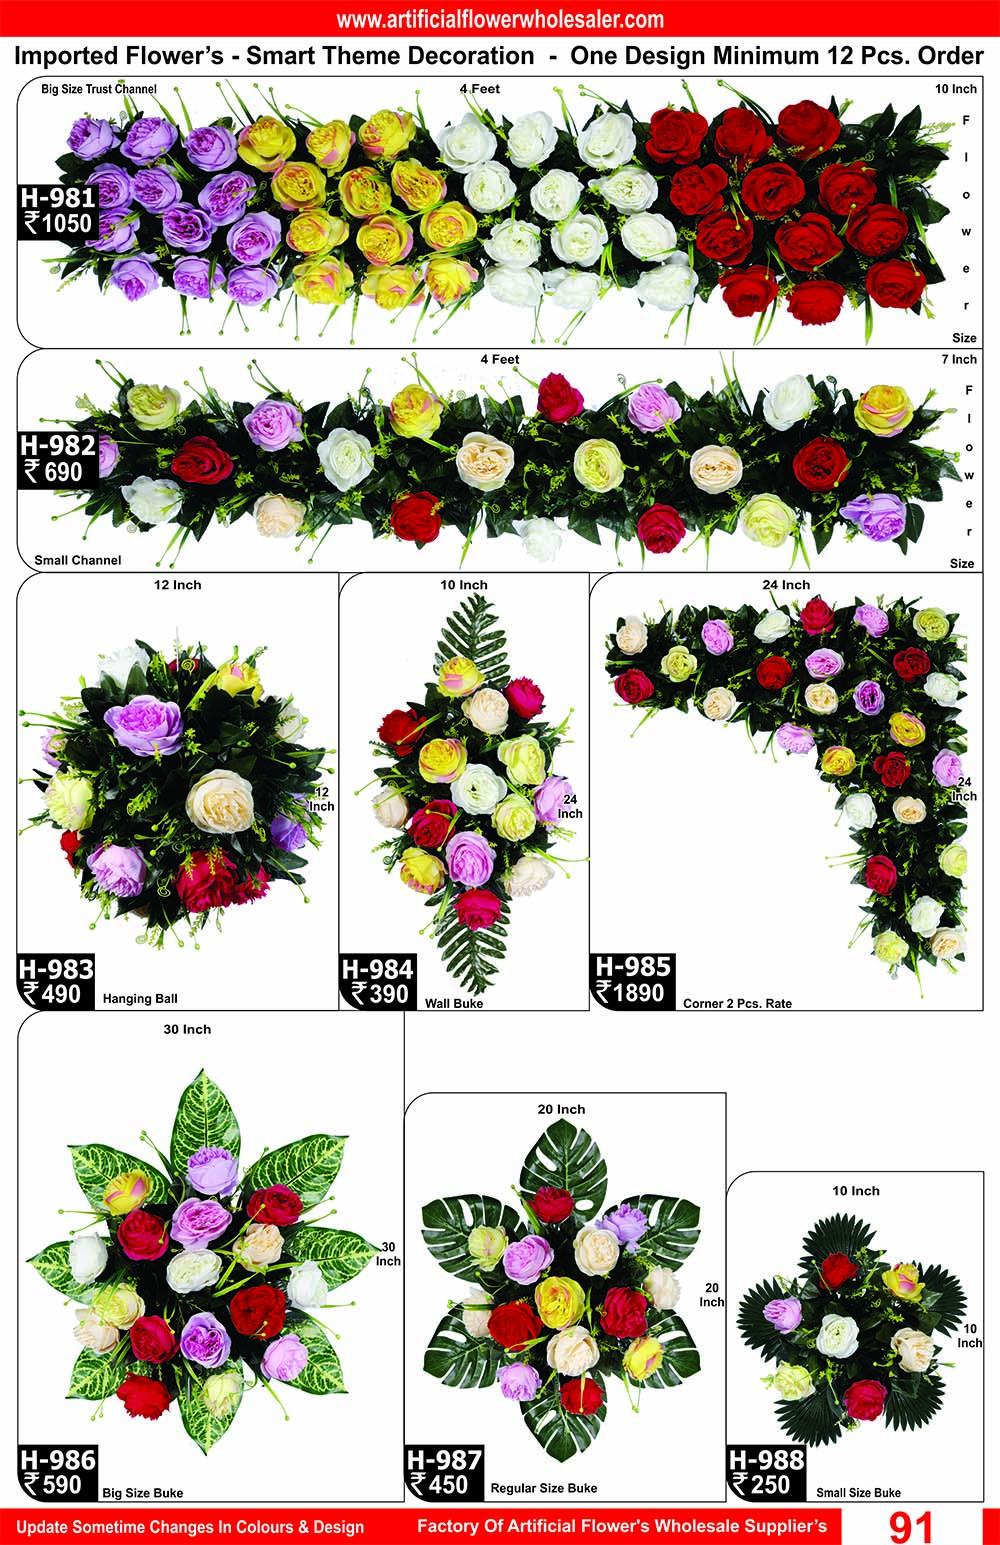 91-artificial-flower-wholesaler